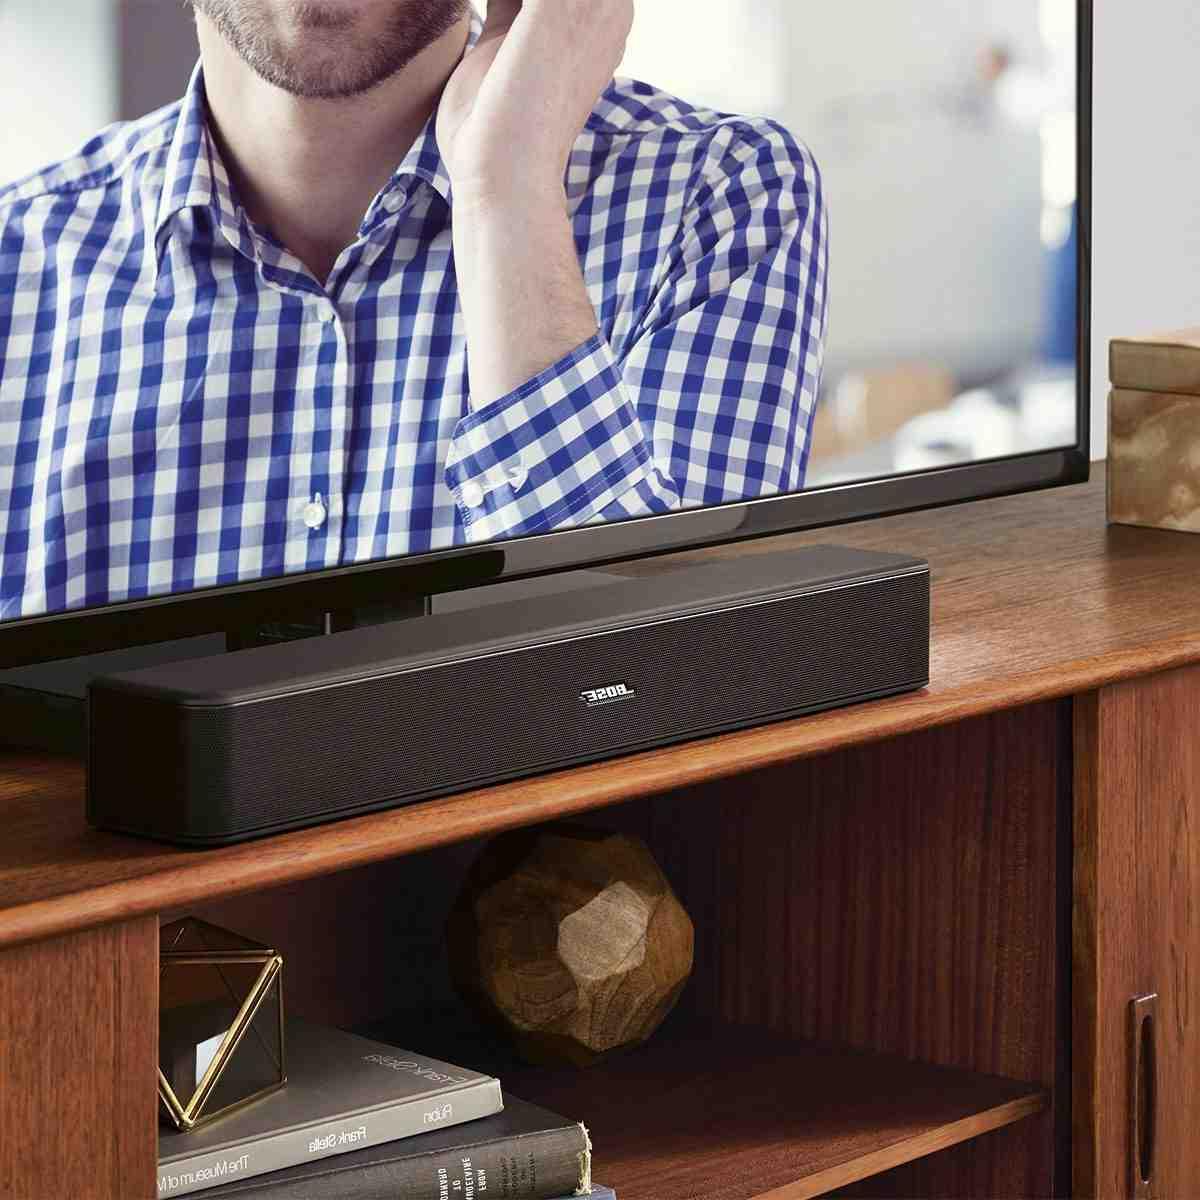 Comment brancher une barre de son Bose sur TV Samsung ?